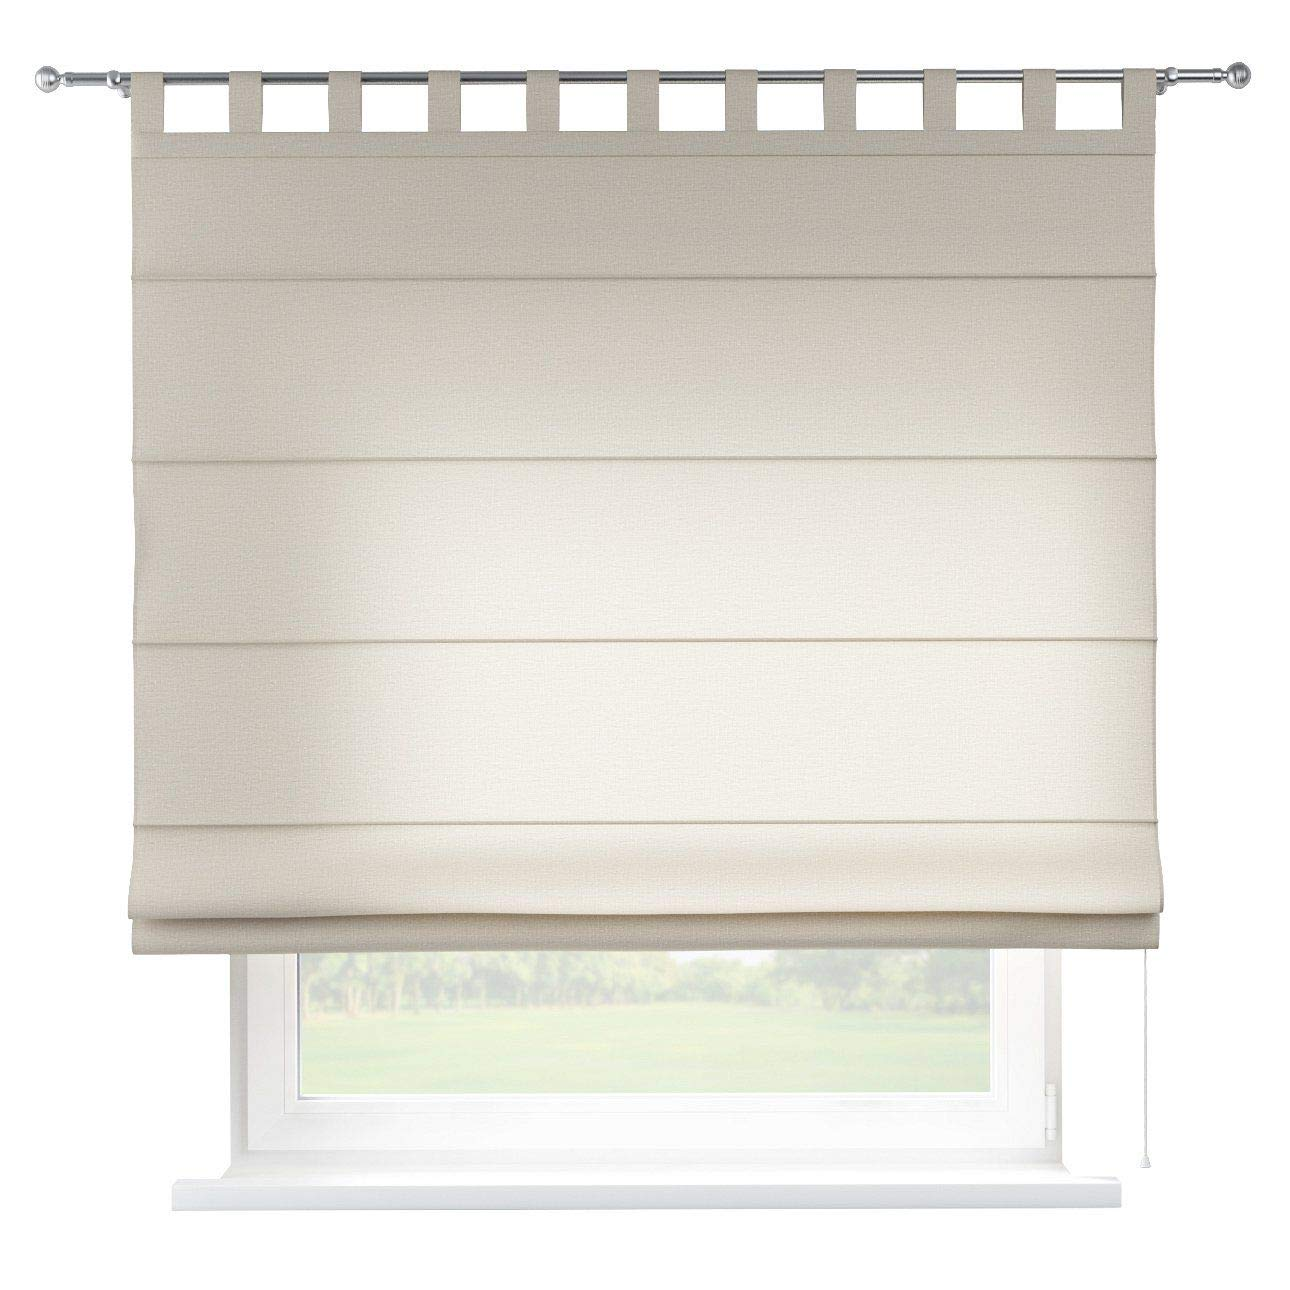 Dekoria Raffrollo Verona ohne Bohren Blickdicht Faltvorhang Raffgardine Wohnzimmer Schlafzimmer Kinderzimmer 160 × 170 cm Natur Raffrollos auf Maß maßanfertigung möglich